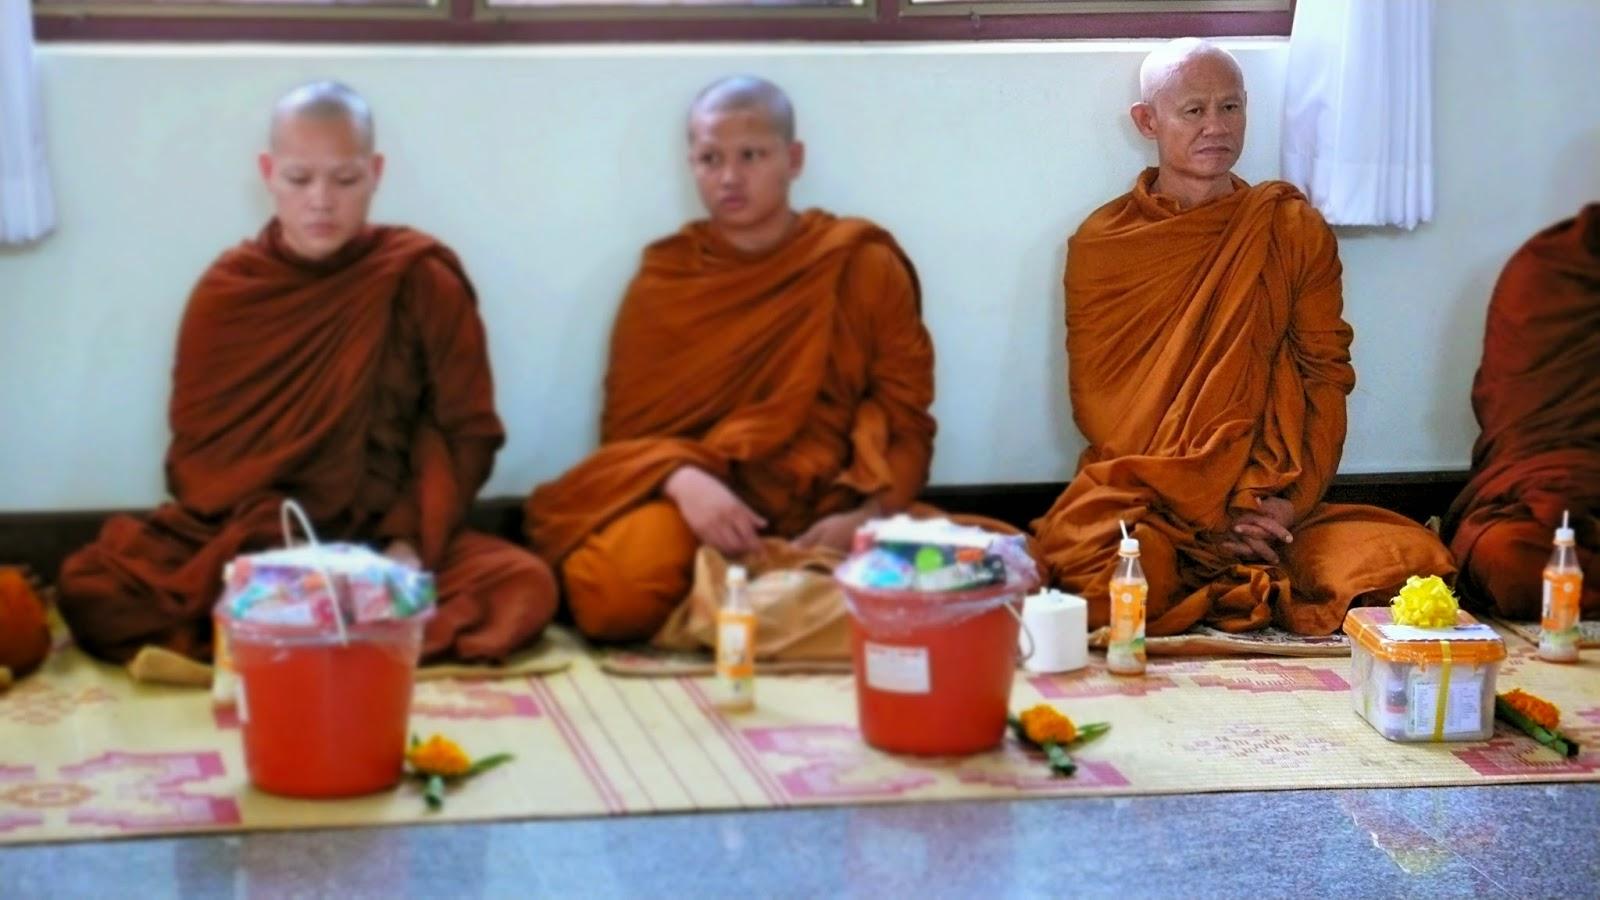 Mönche Ban-Krut